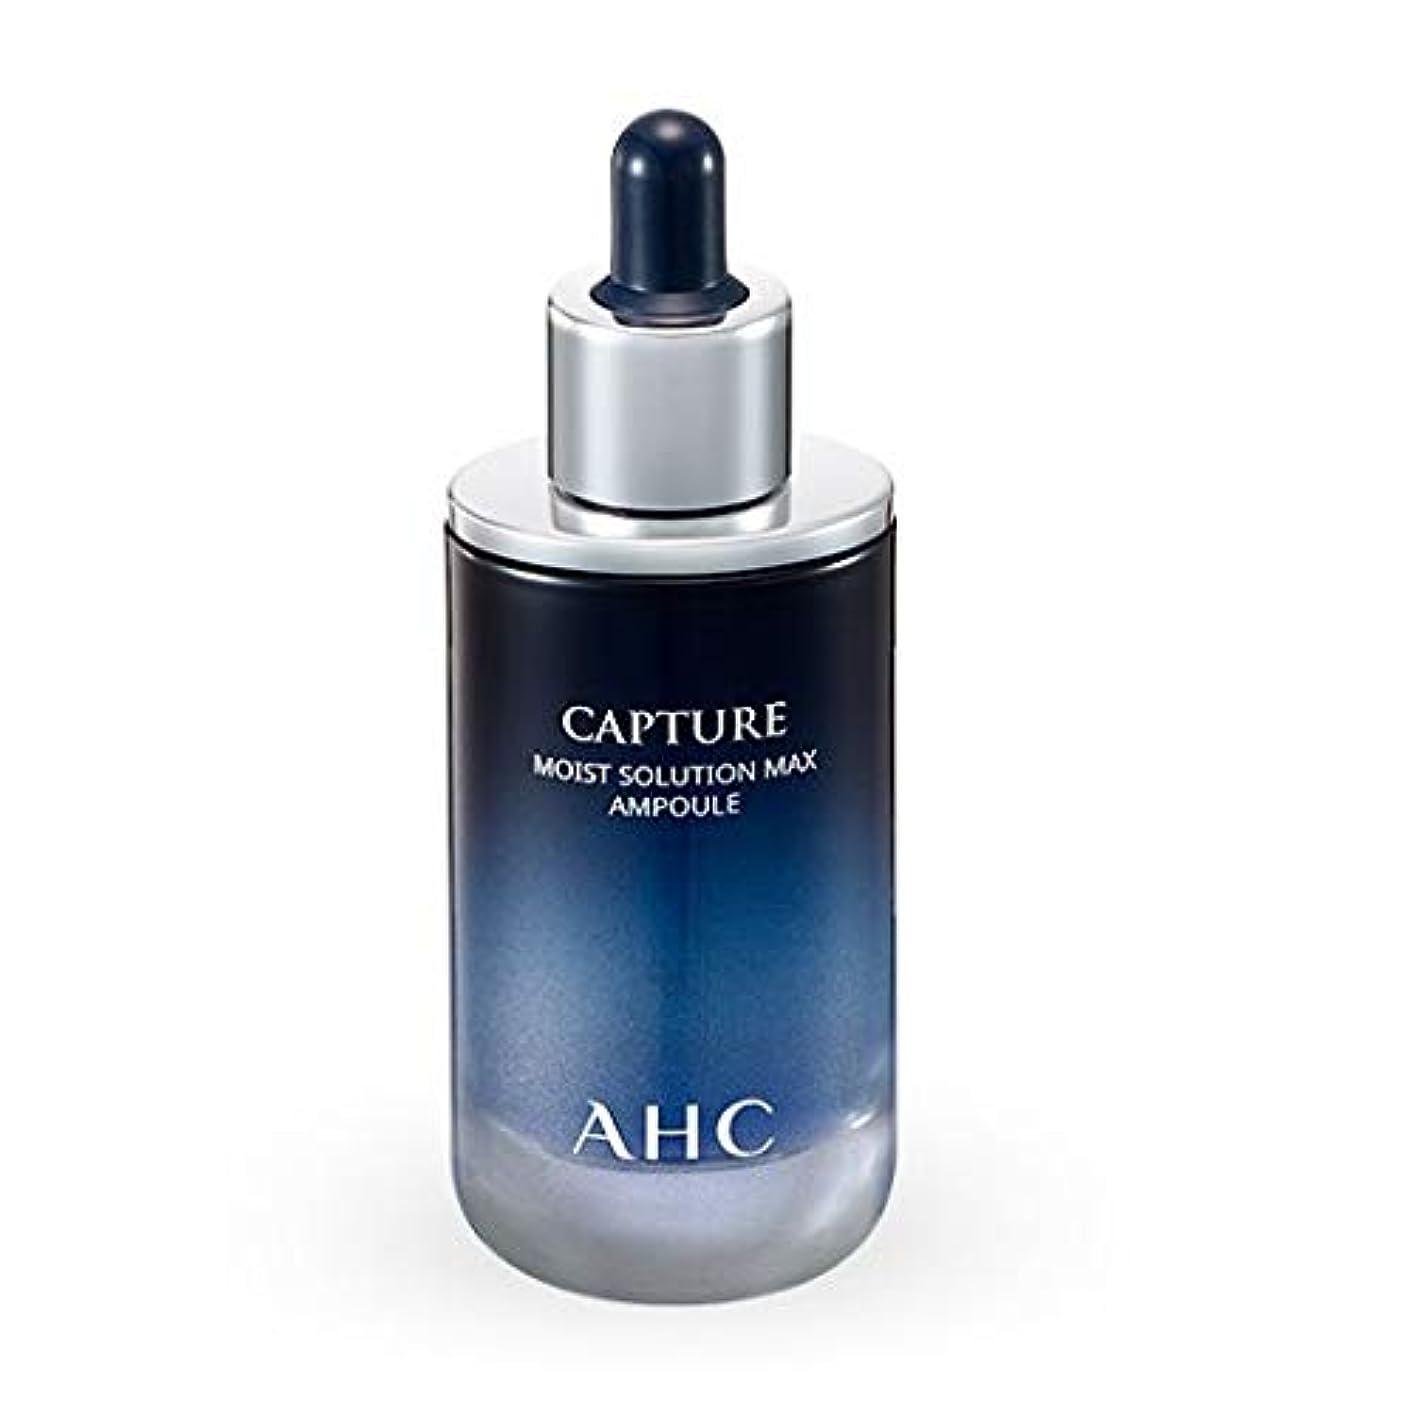 メディック王族層AHC Capture Moist Solution Max Ampoule/キャプチャー モイスト ソリューション マックス アンプル 50ml [並行輸入品]